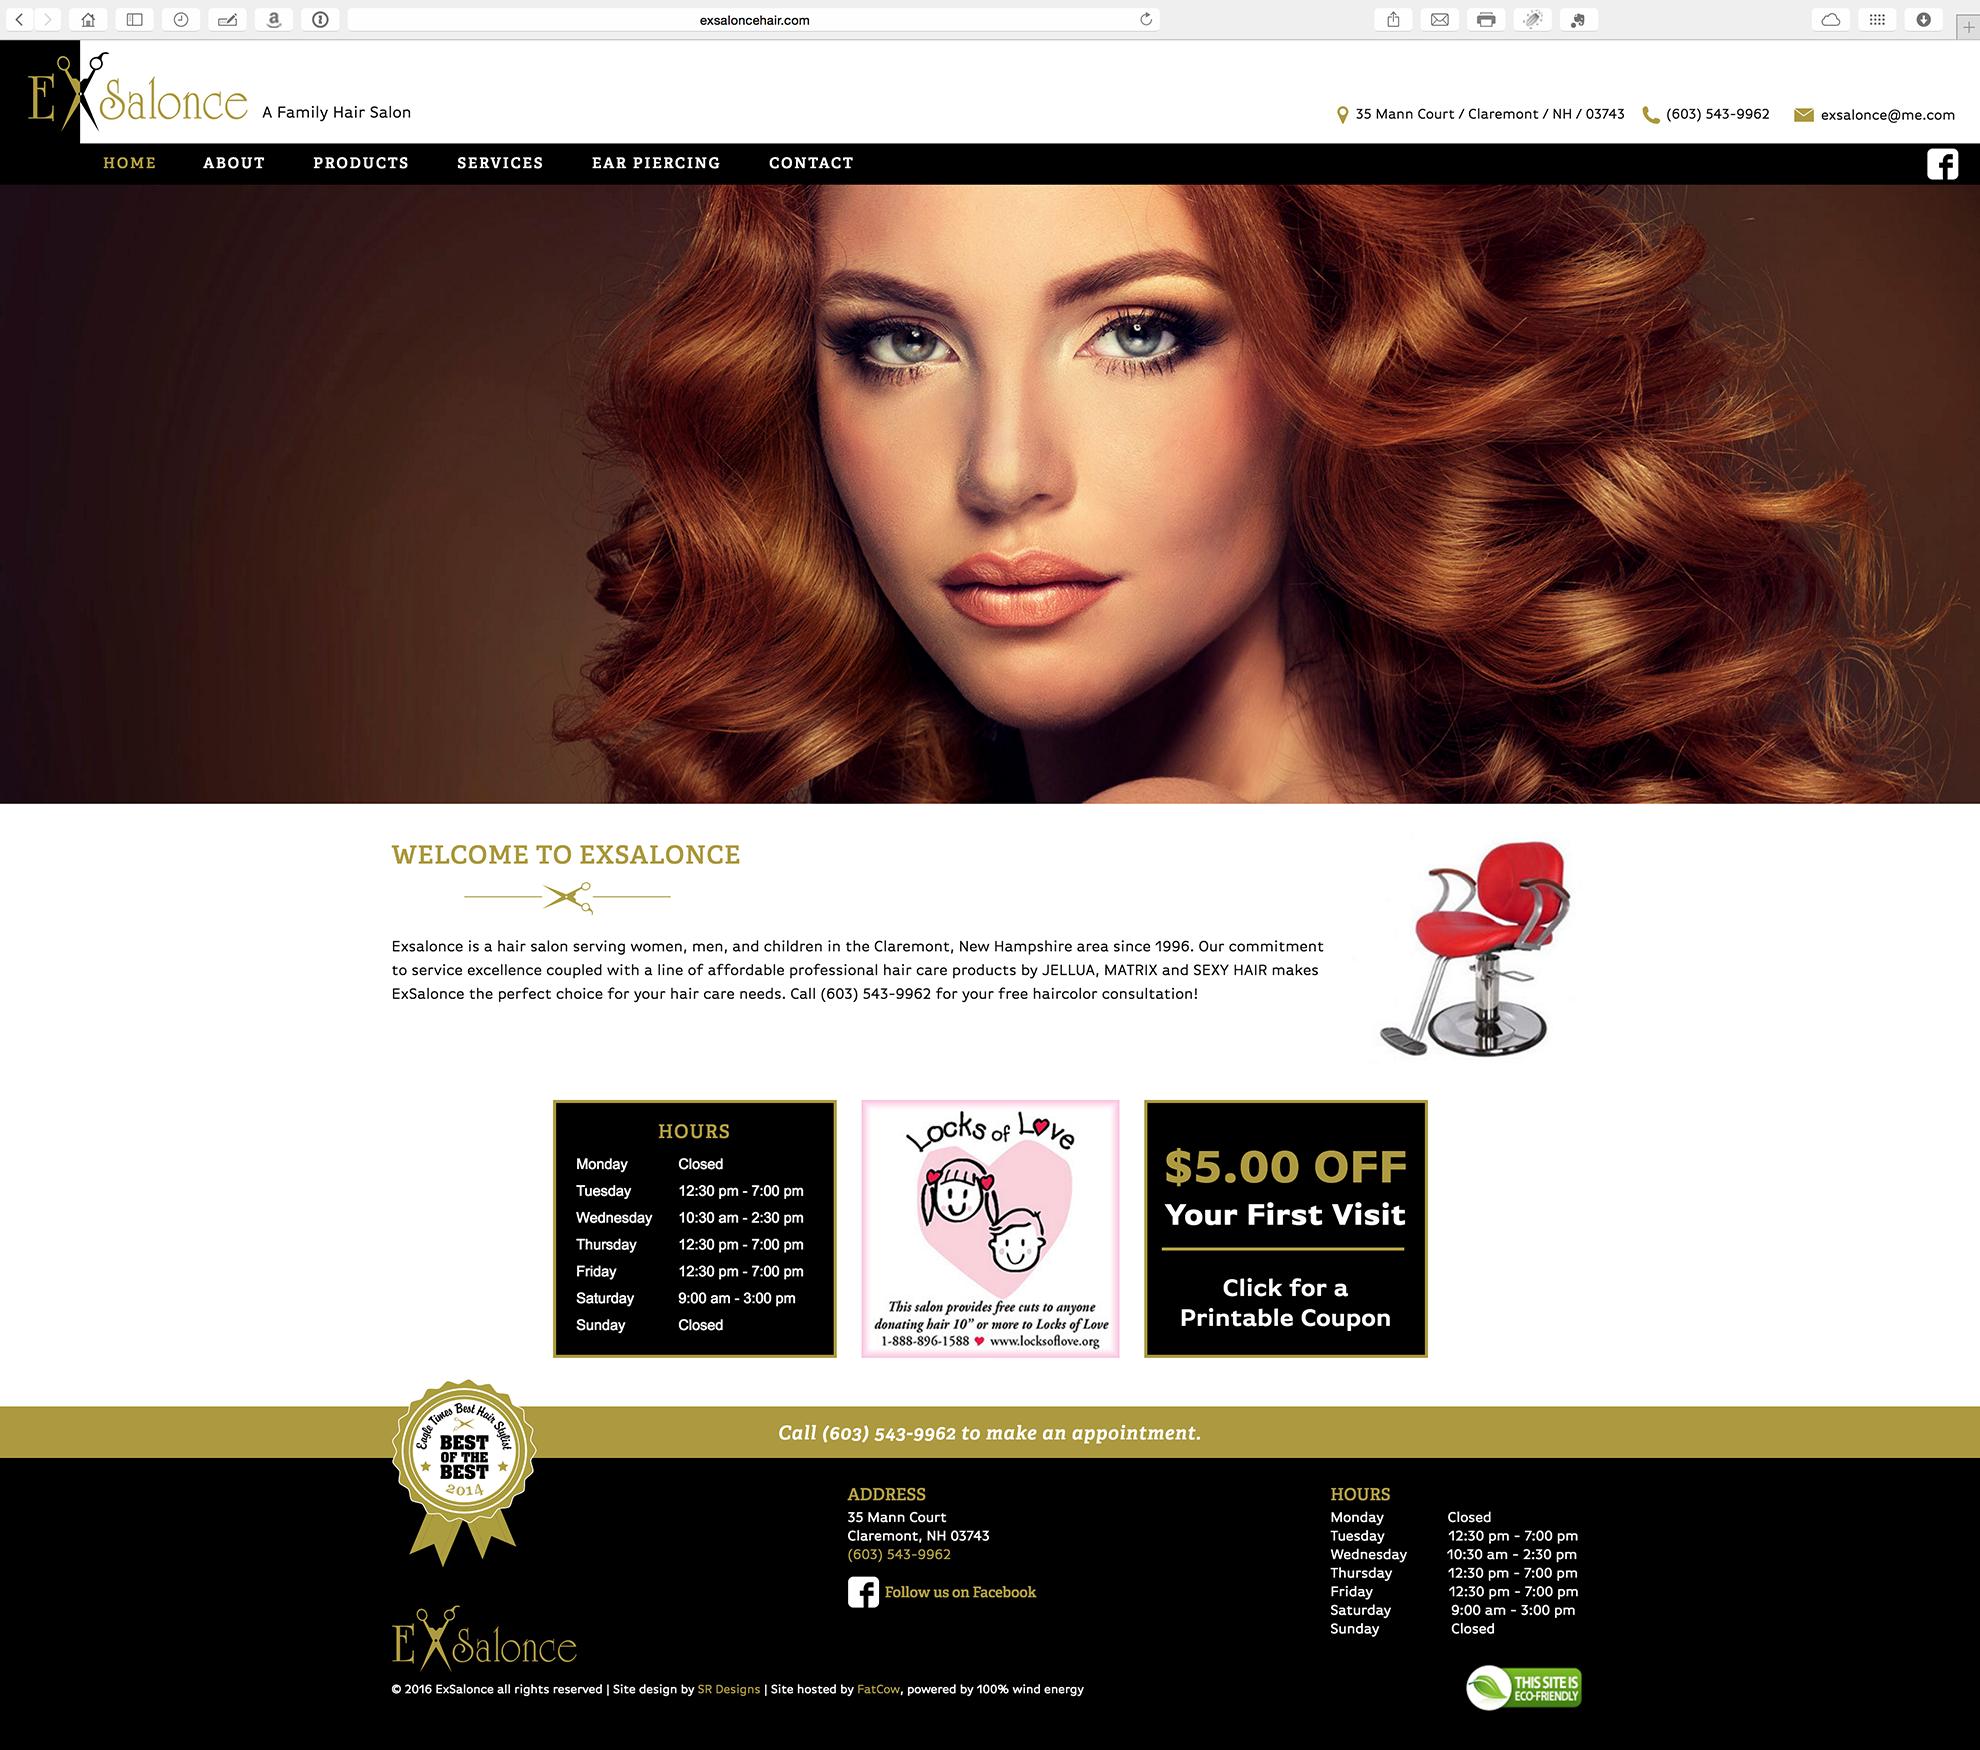 ExSalonce - Responsive Website Redesign